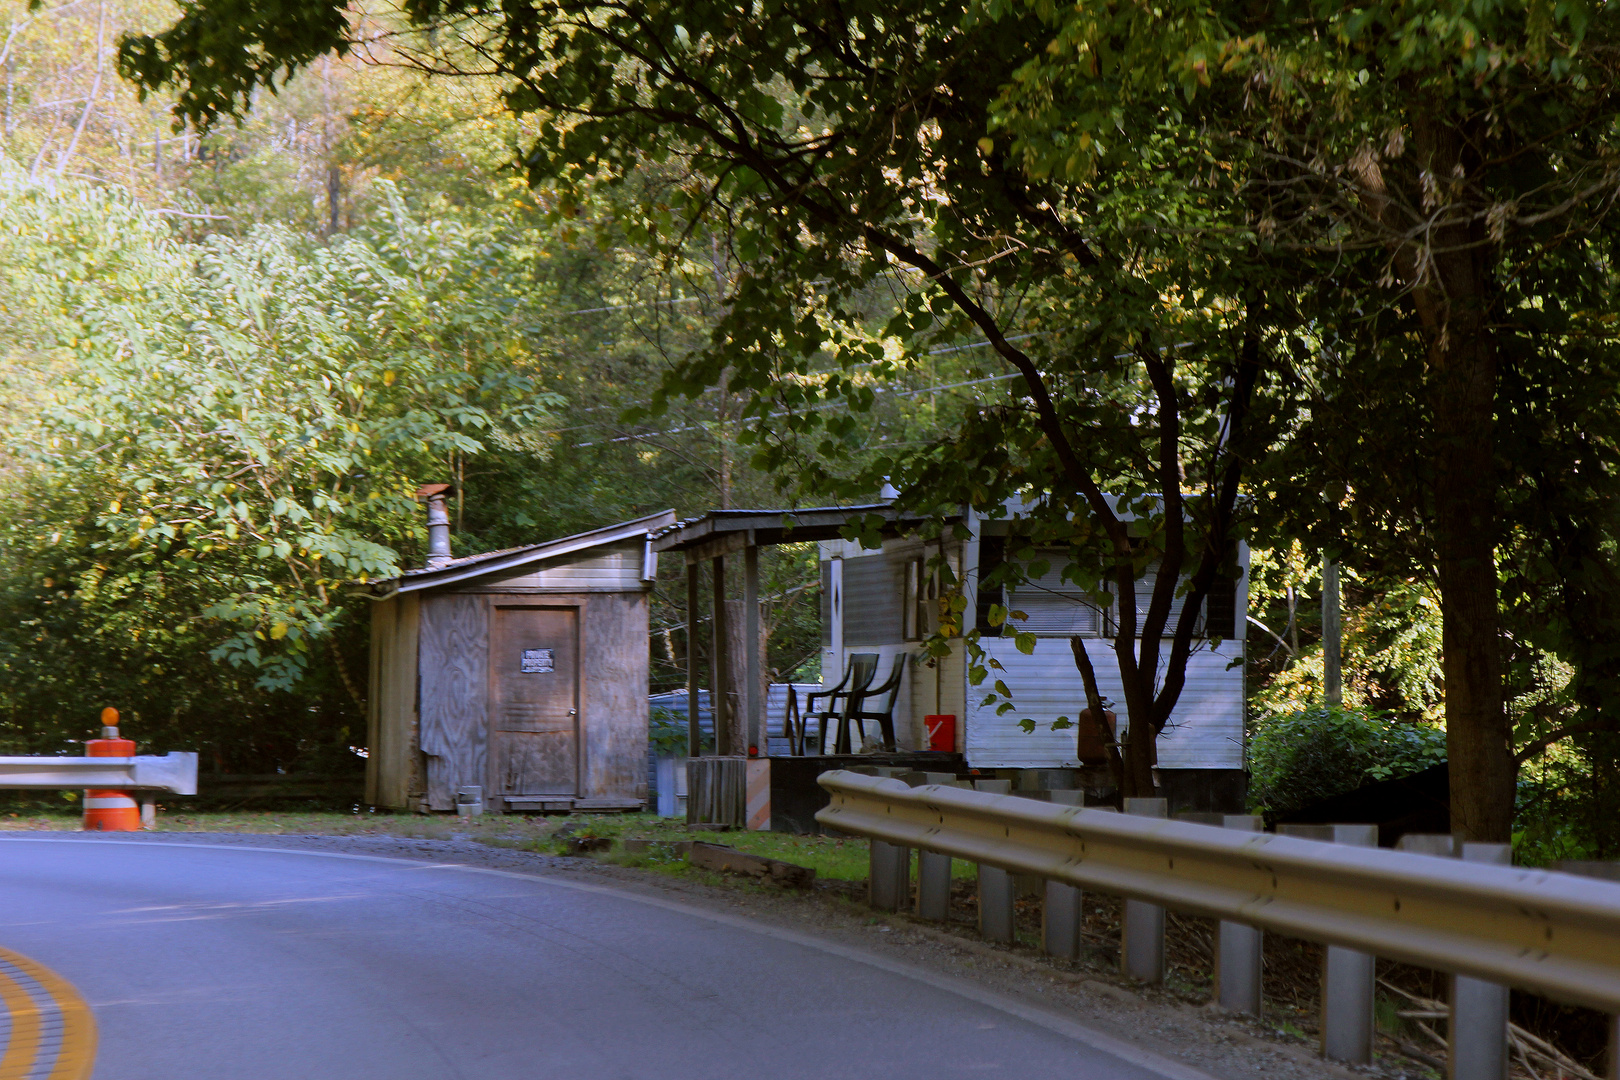 Wohnen und Leben in West Virginia, USA 2013